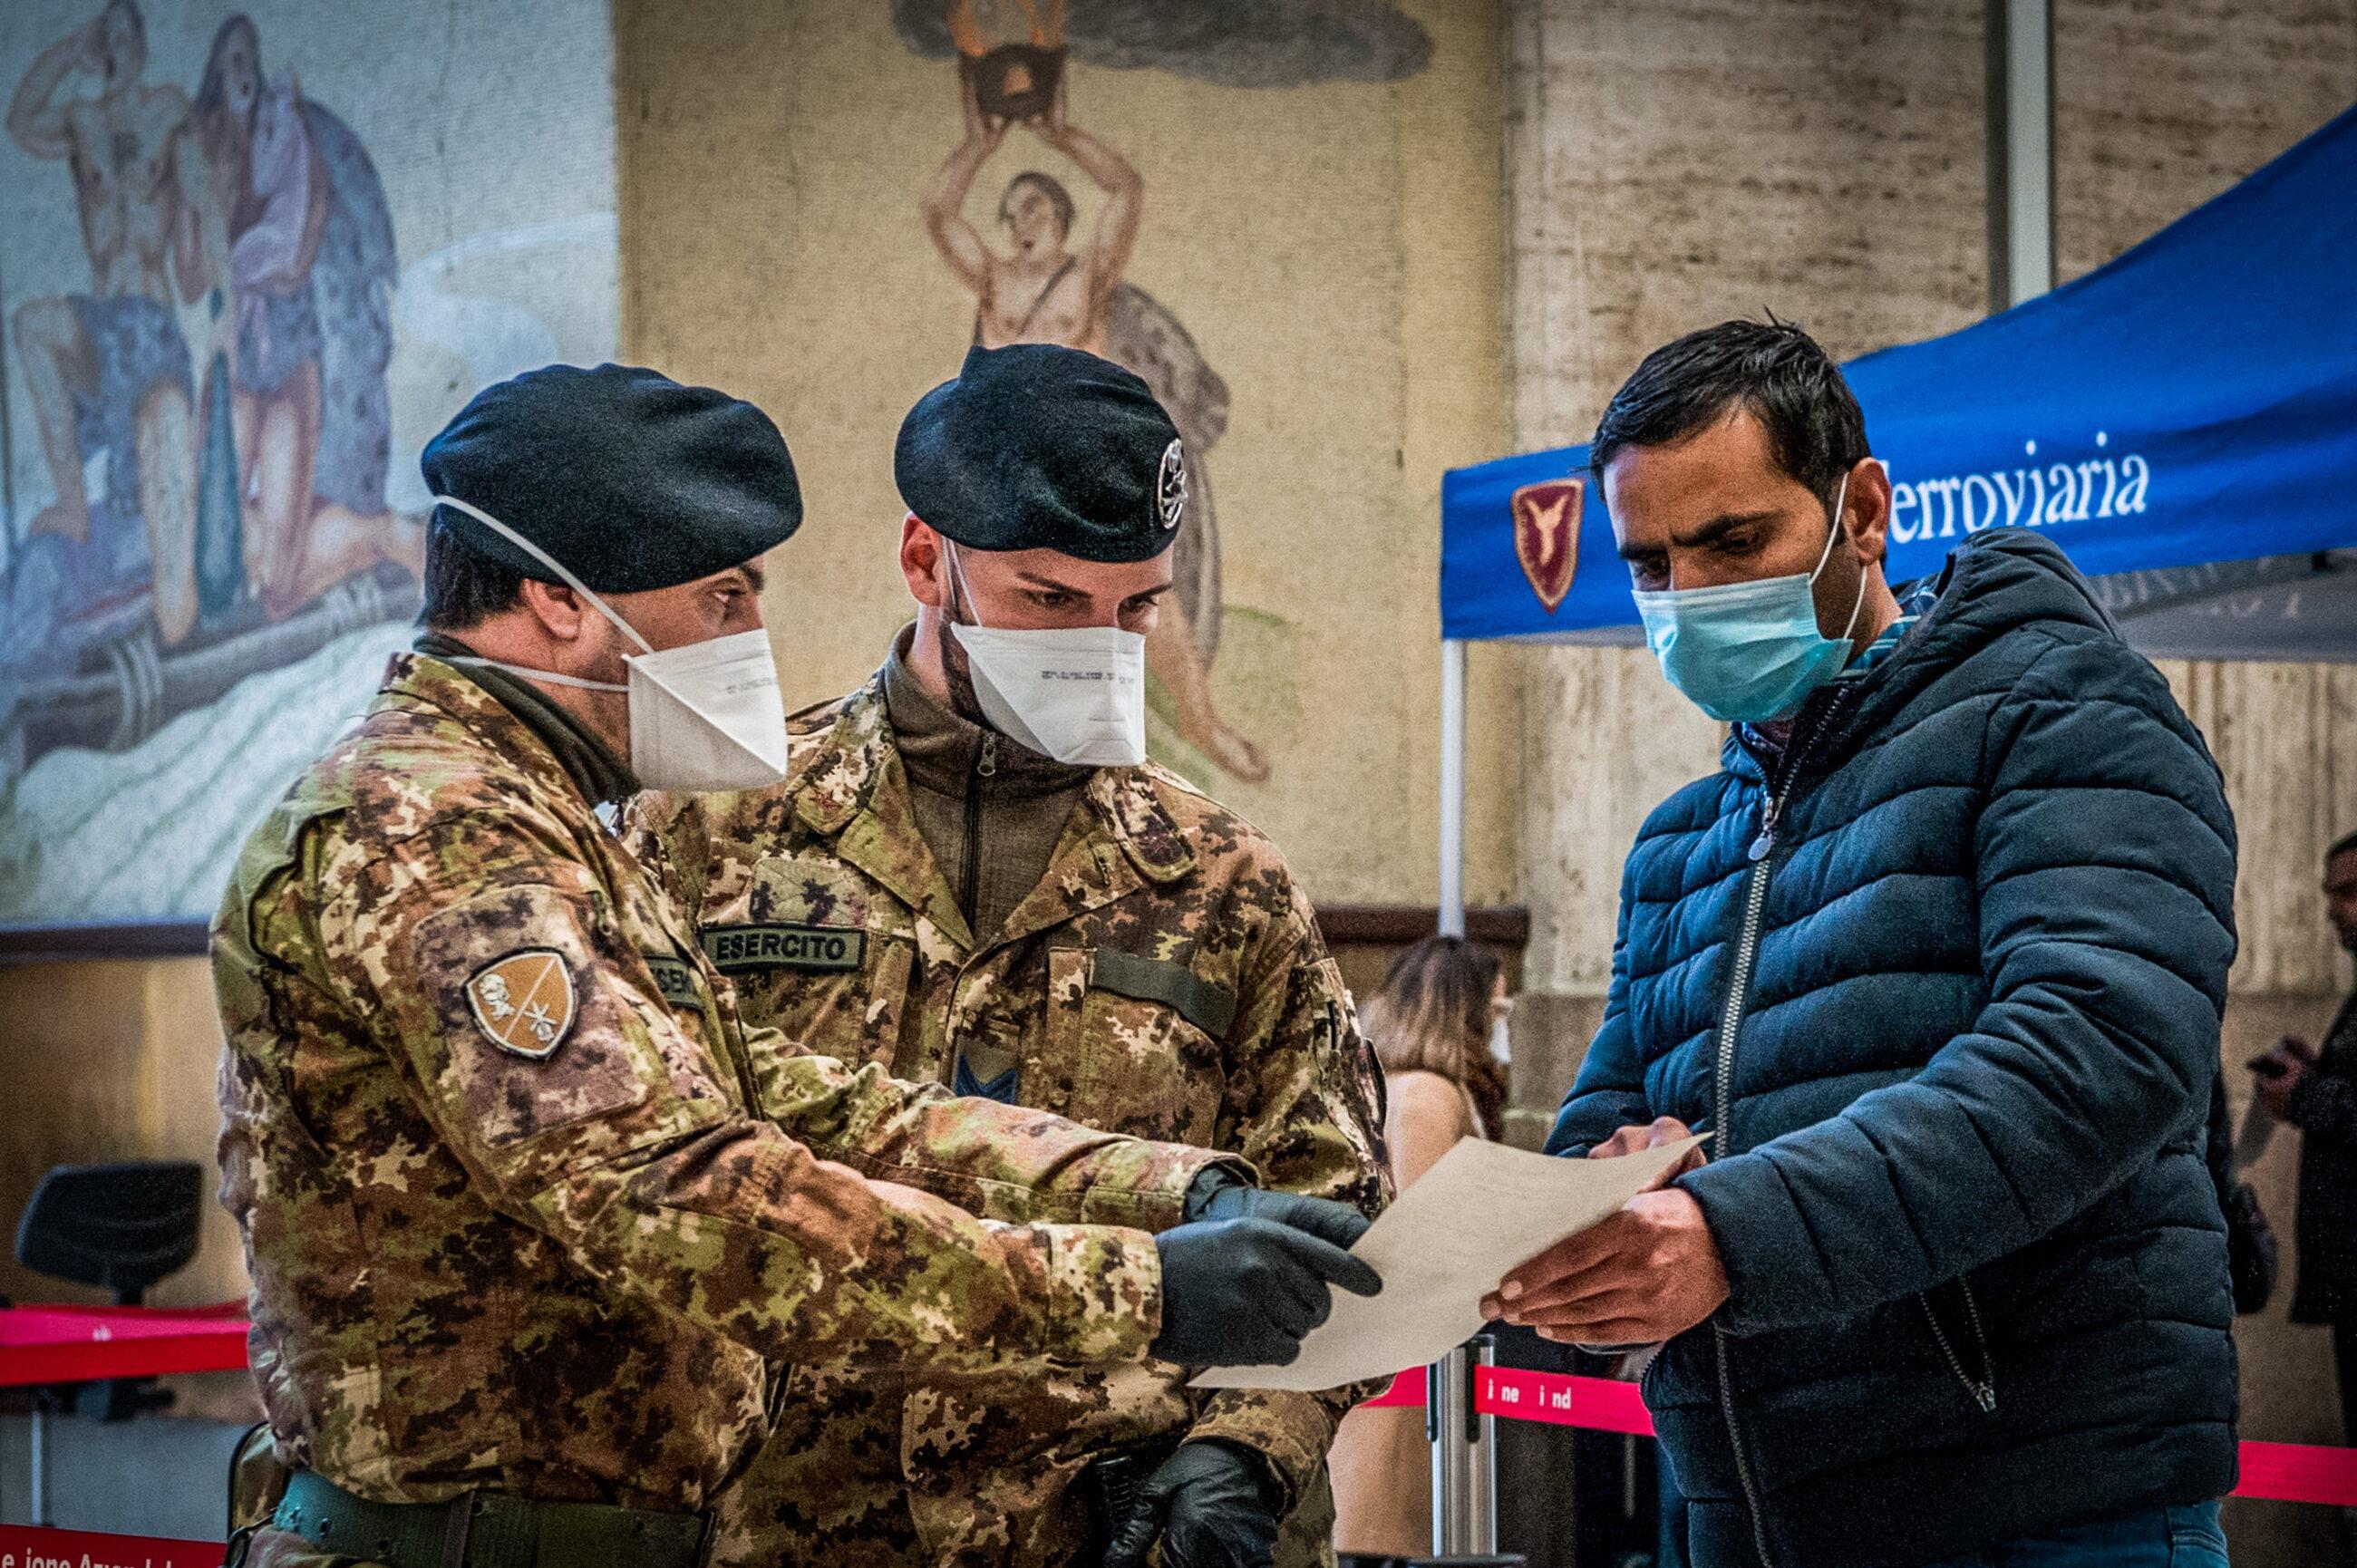 Włochy w czasie epidemii koronawirusa